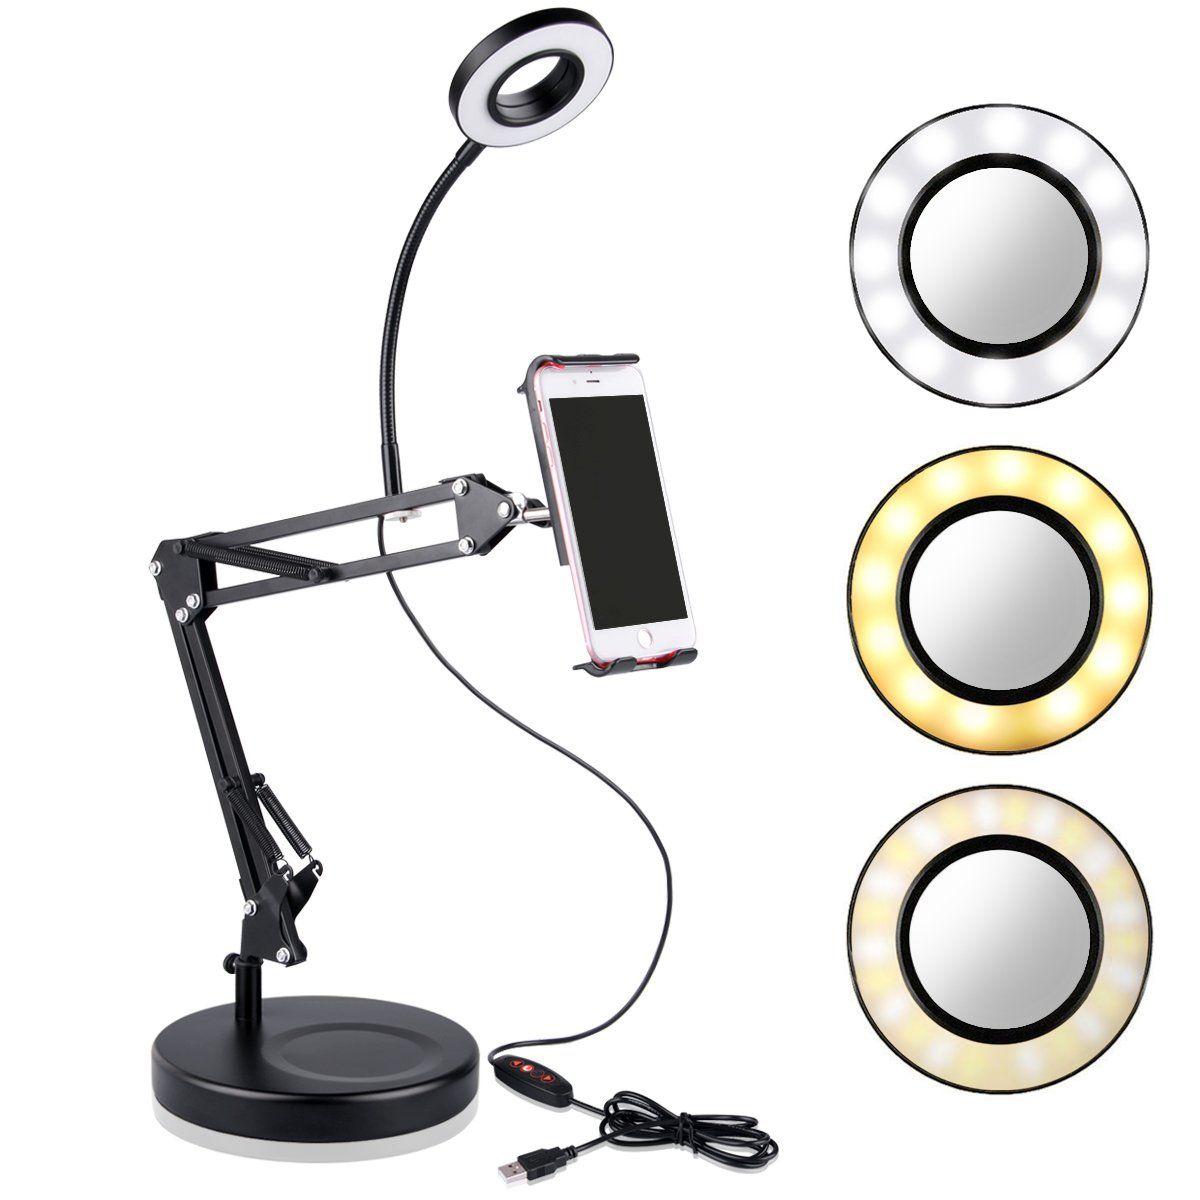 Mobile Flashes Selfie Lights Led Ring Light Stand In 2020 Selfie Ring Light Led Led Ring Light